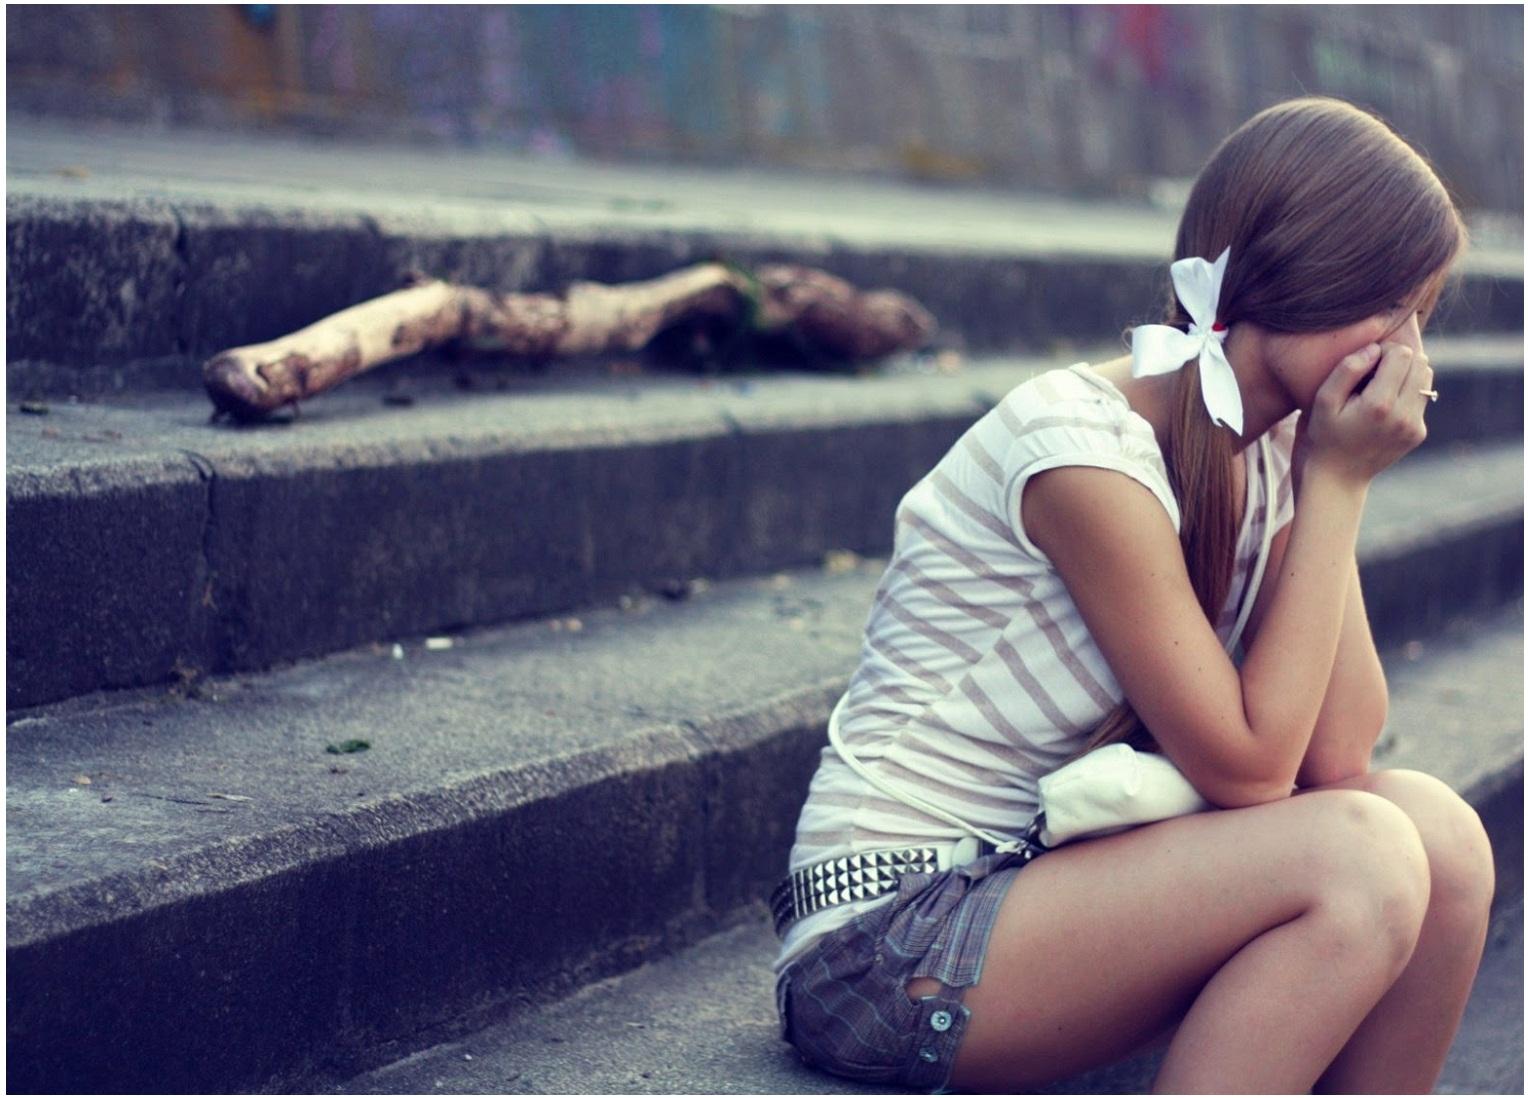 صوره بنات حزينات , صوره بنت حزينه